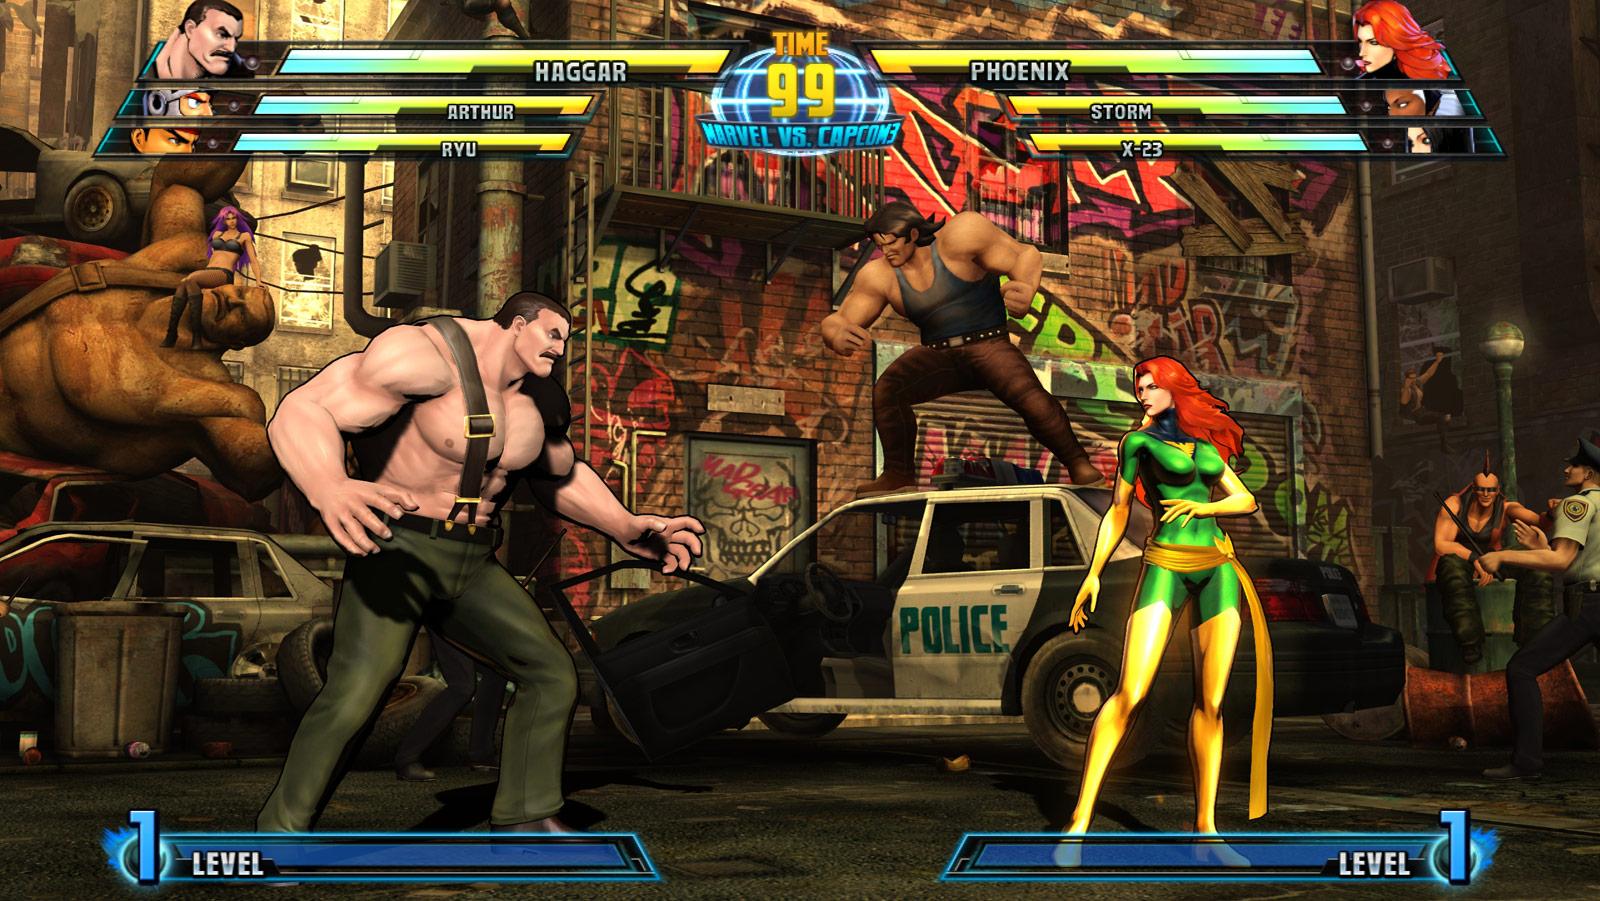 Phoenix and Haggar screen shots for Marvel vs. Capcom 3 #3